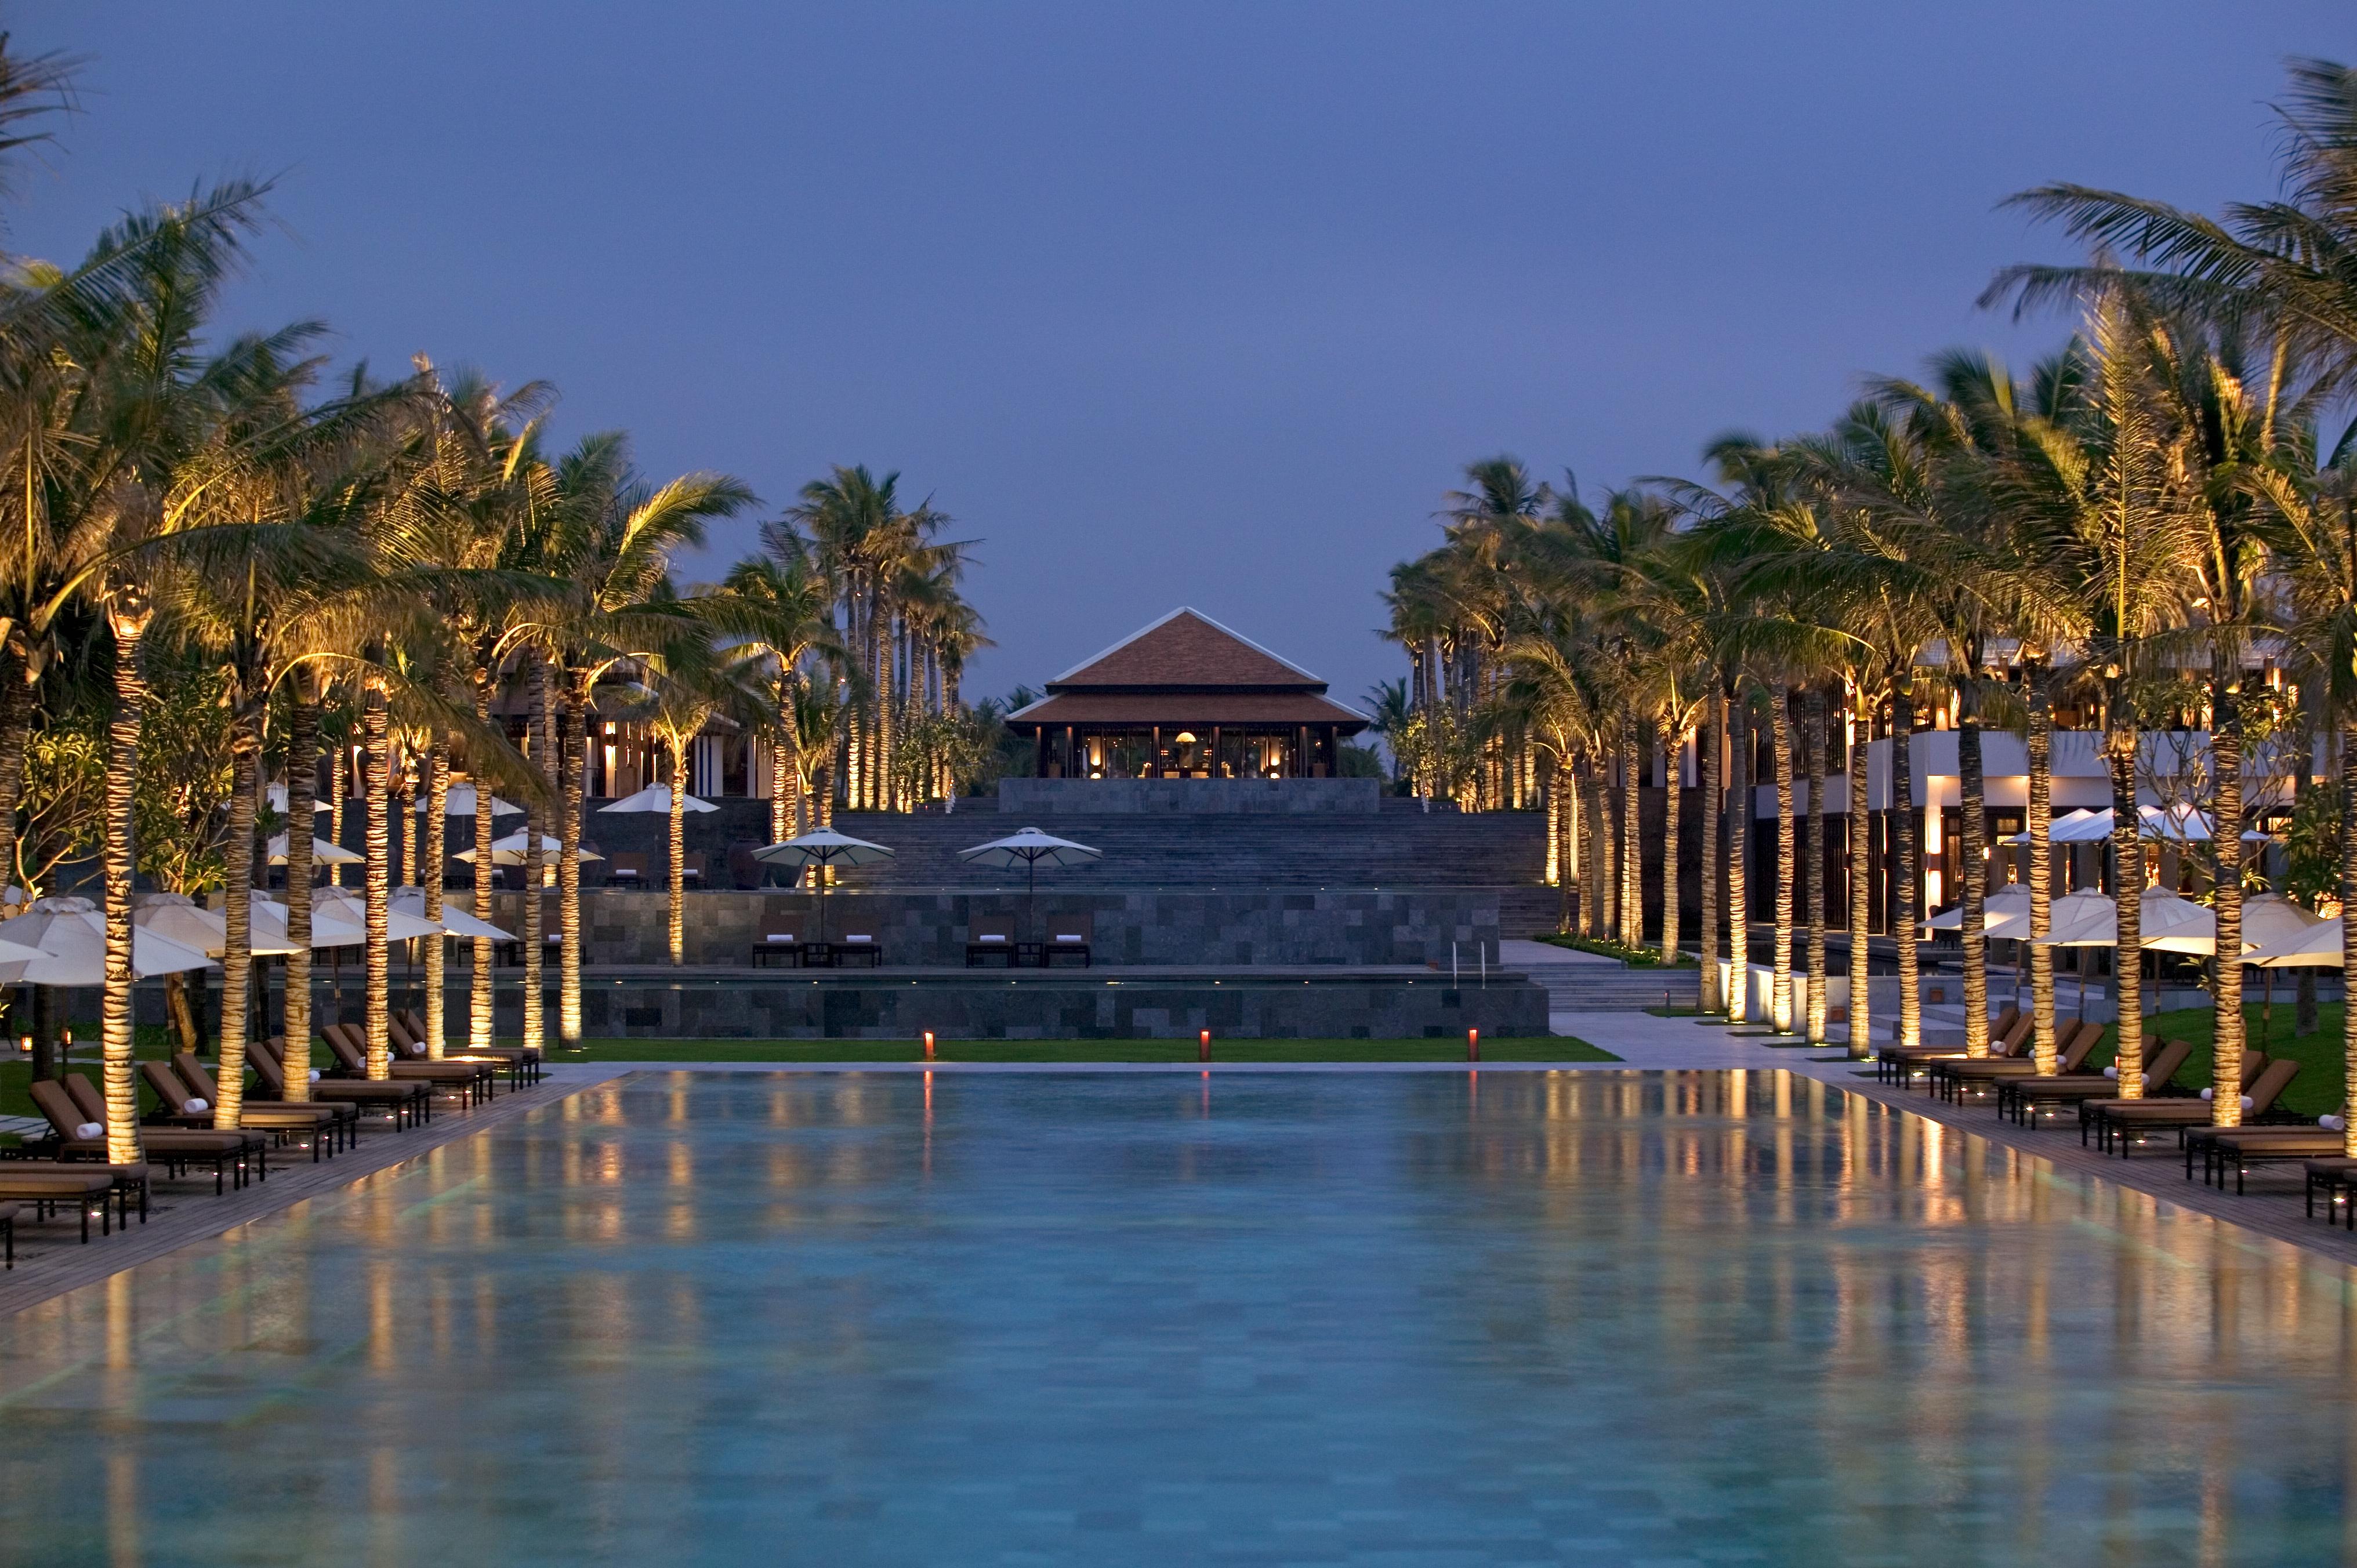 Bể bơi đẹp nhất thế giới nên đến 1 lần trong đời tại VN 13